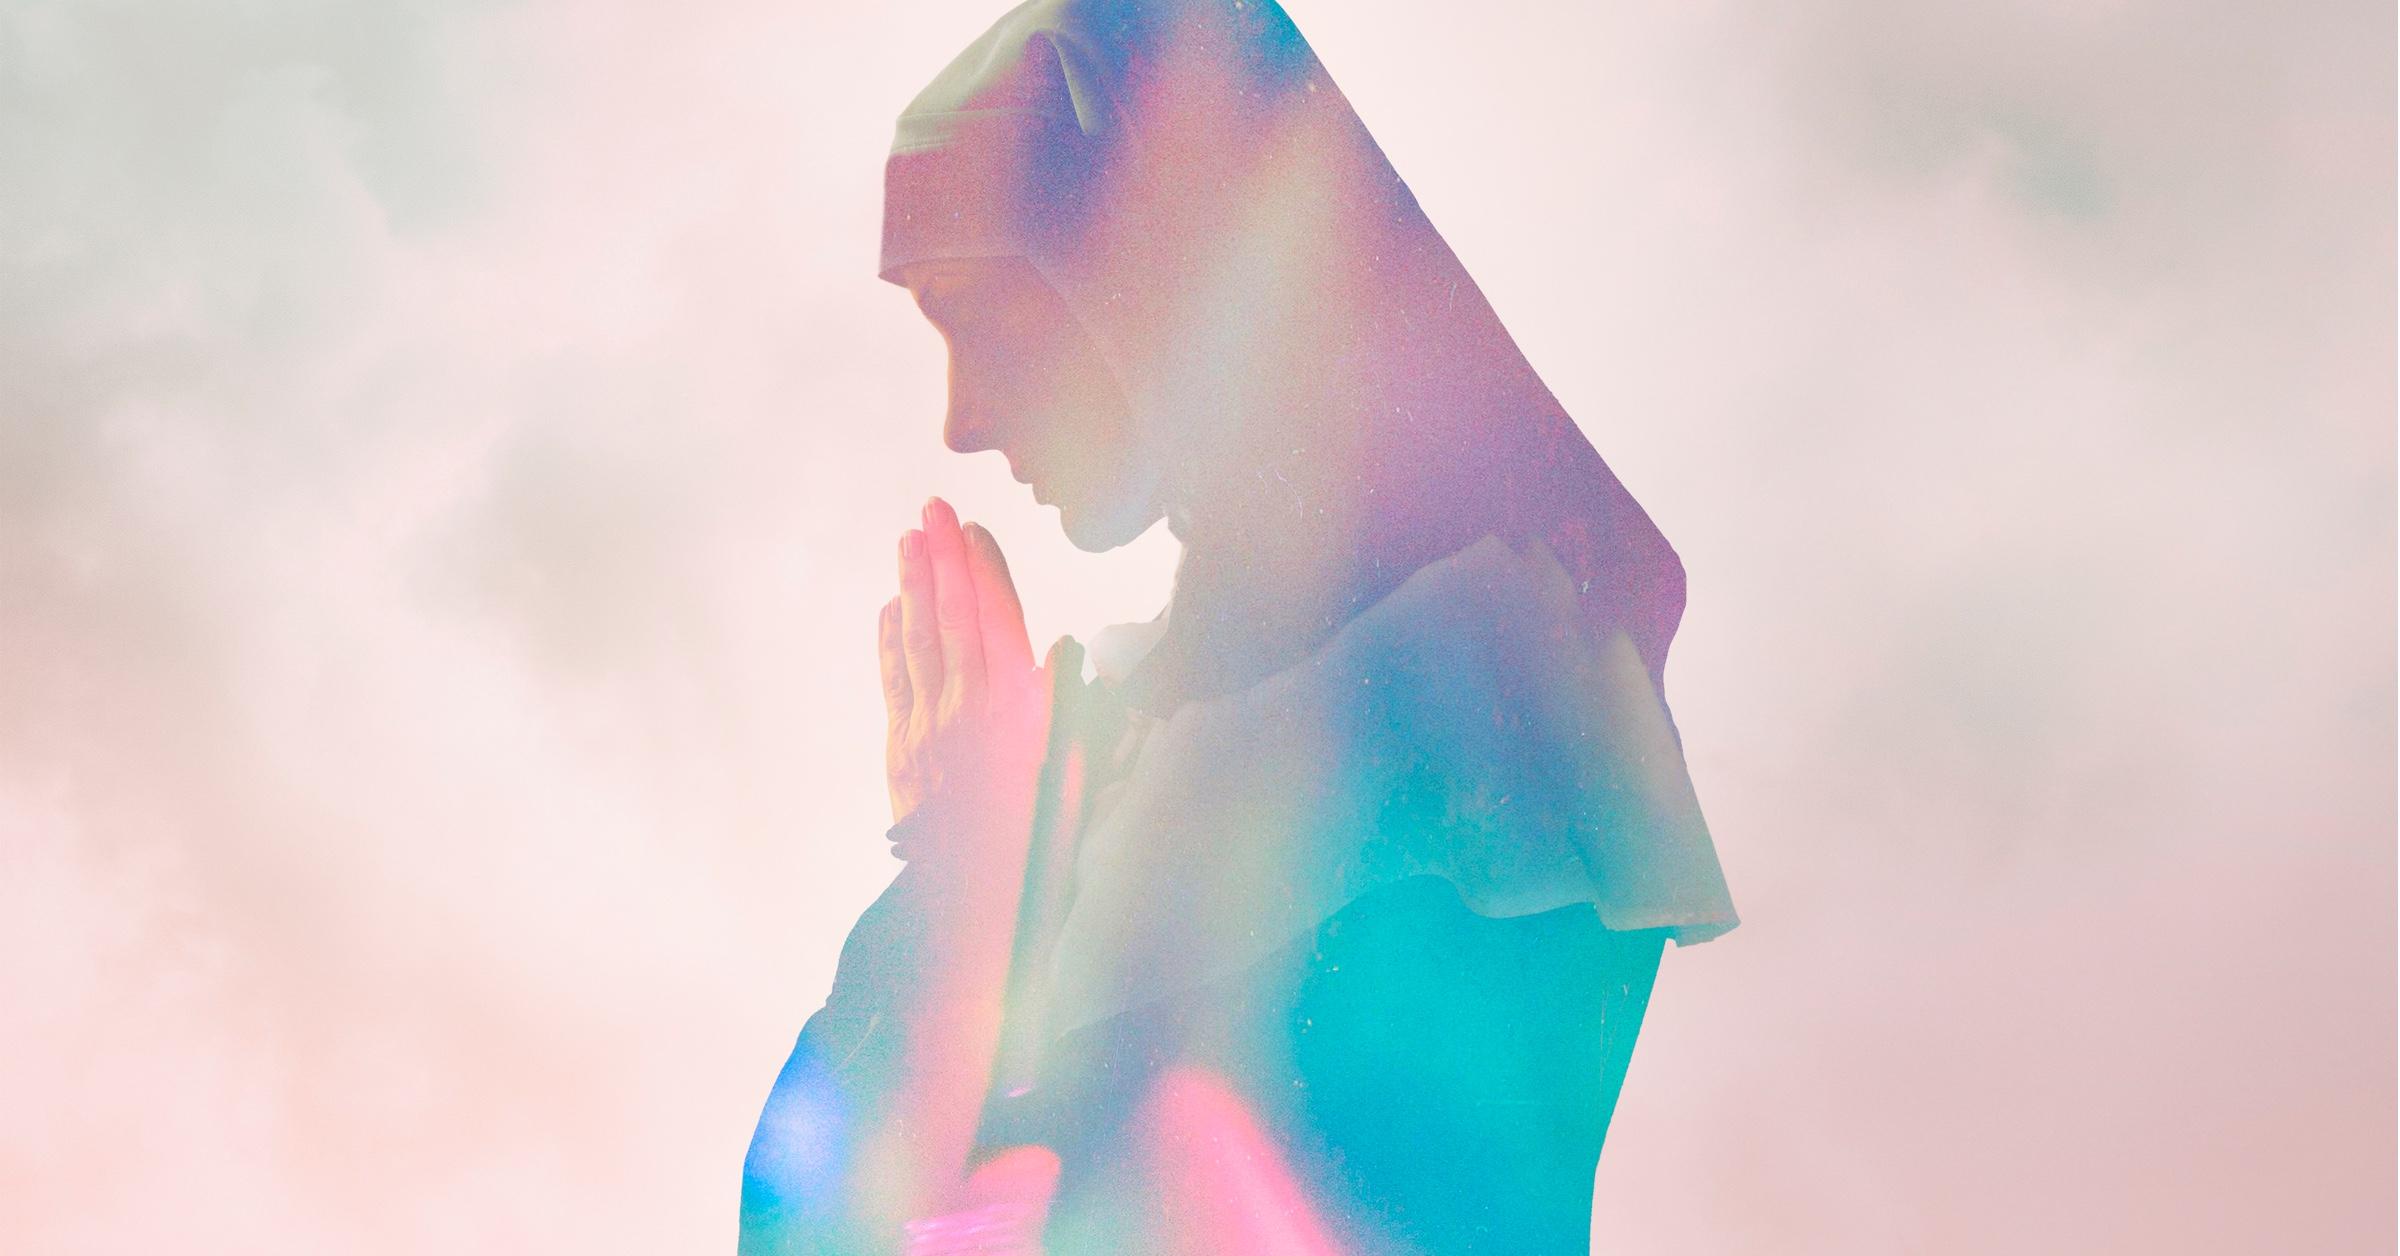 Папа римский разрешил женщинам читать литургии и служить при алтаре